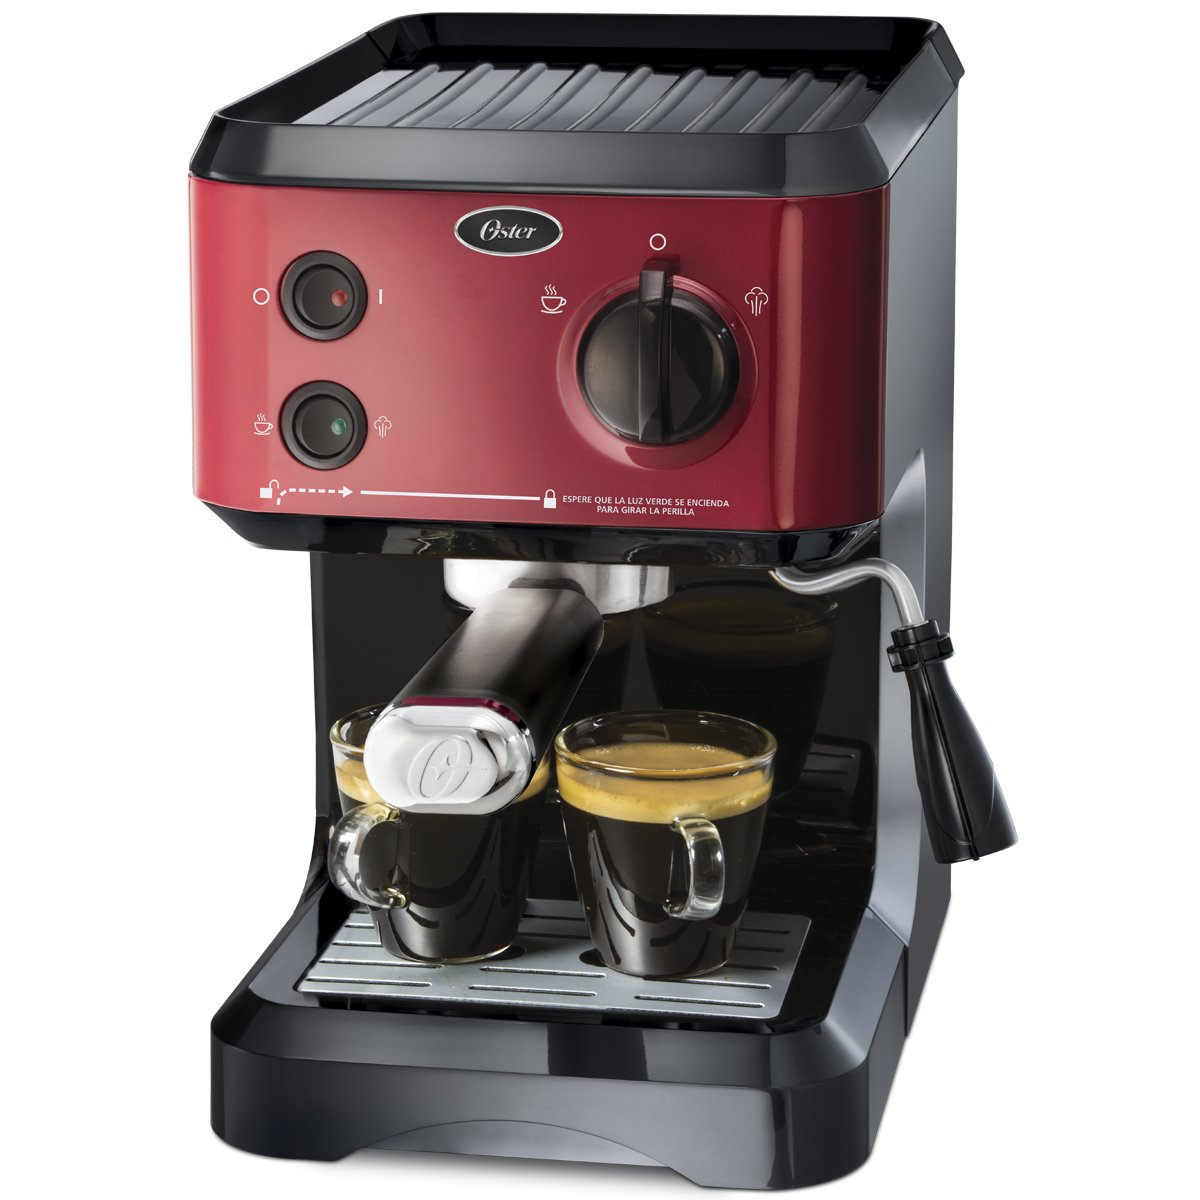 Cafetera Oster® para espresso y capuccino roja de 19 bares